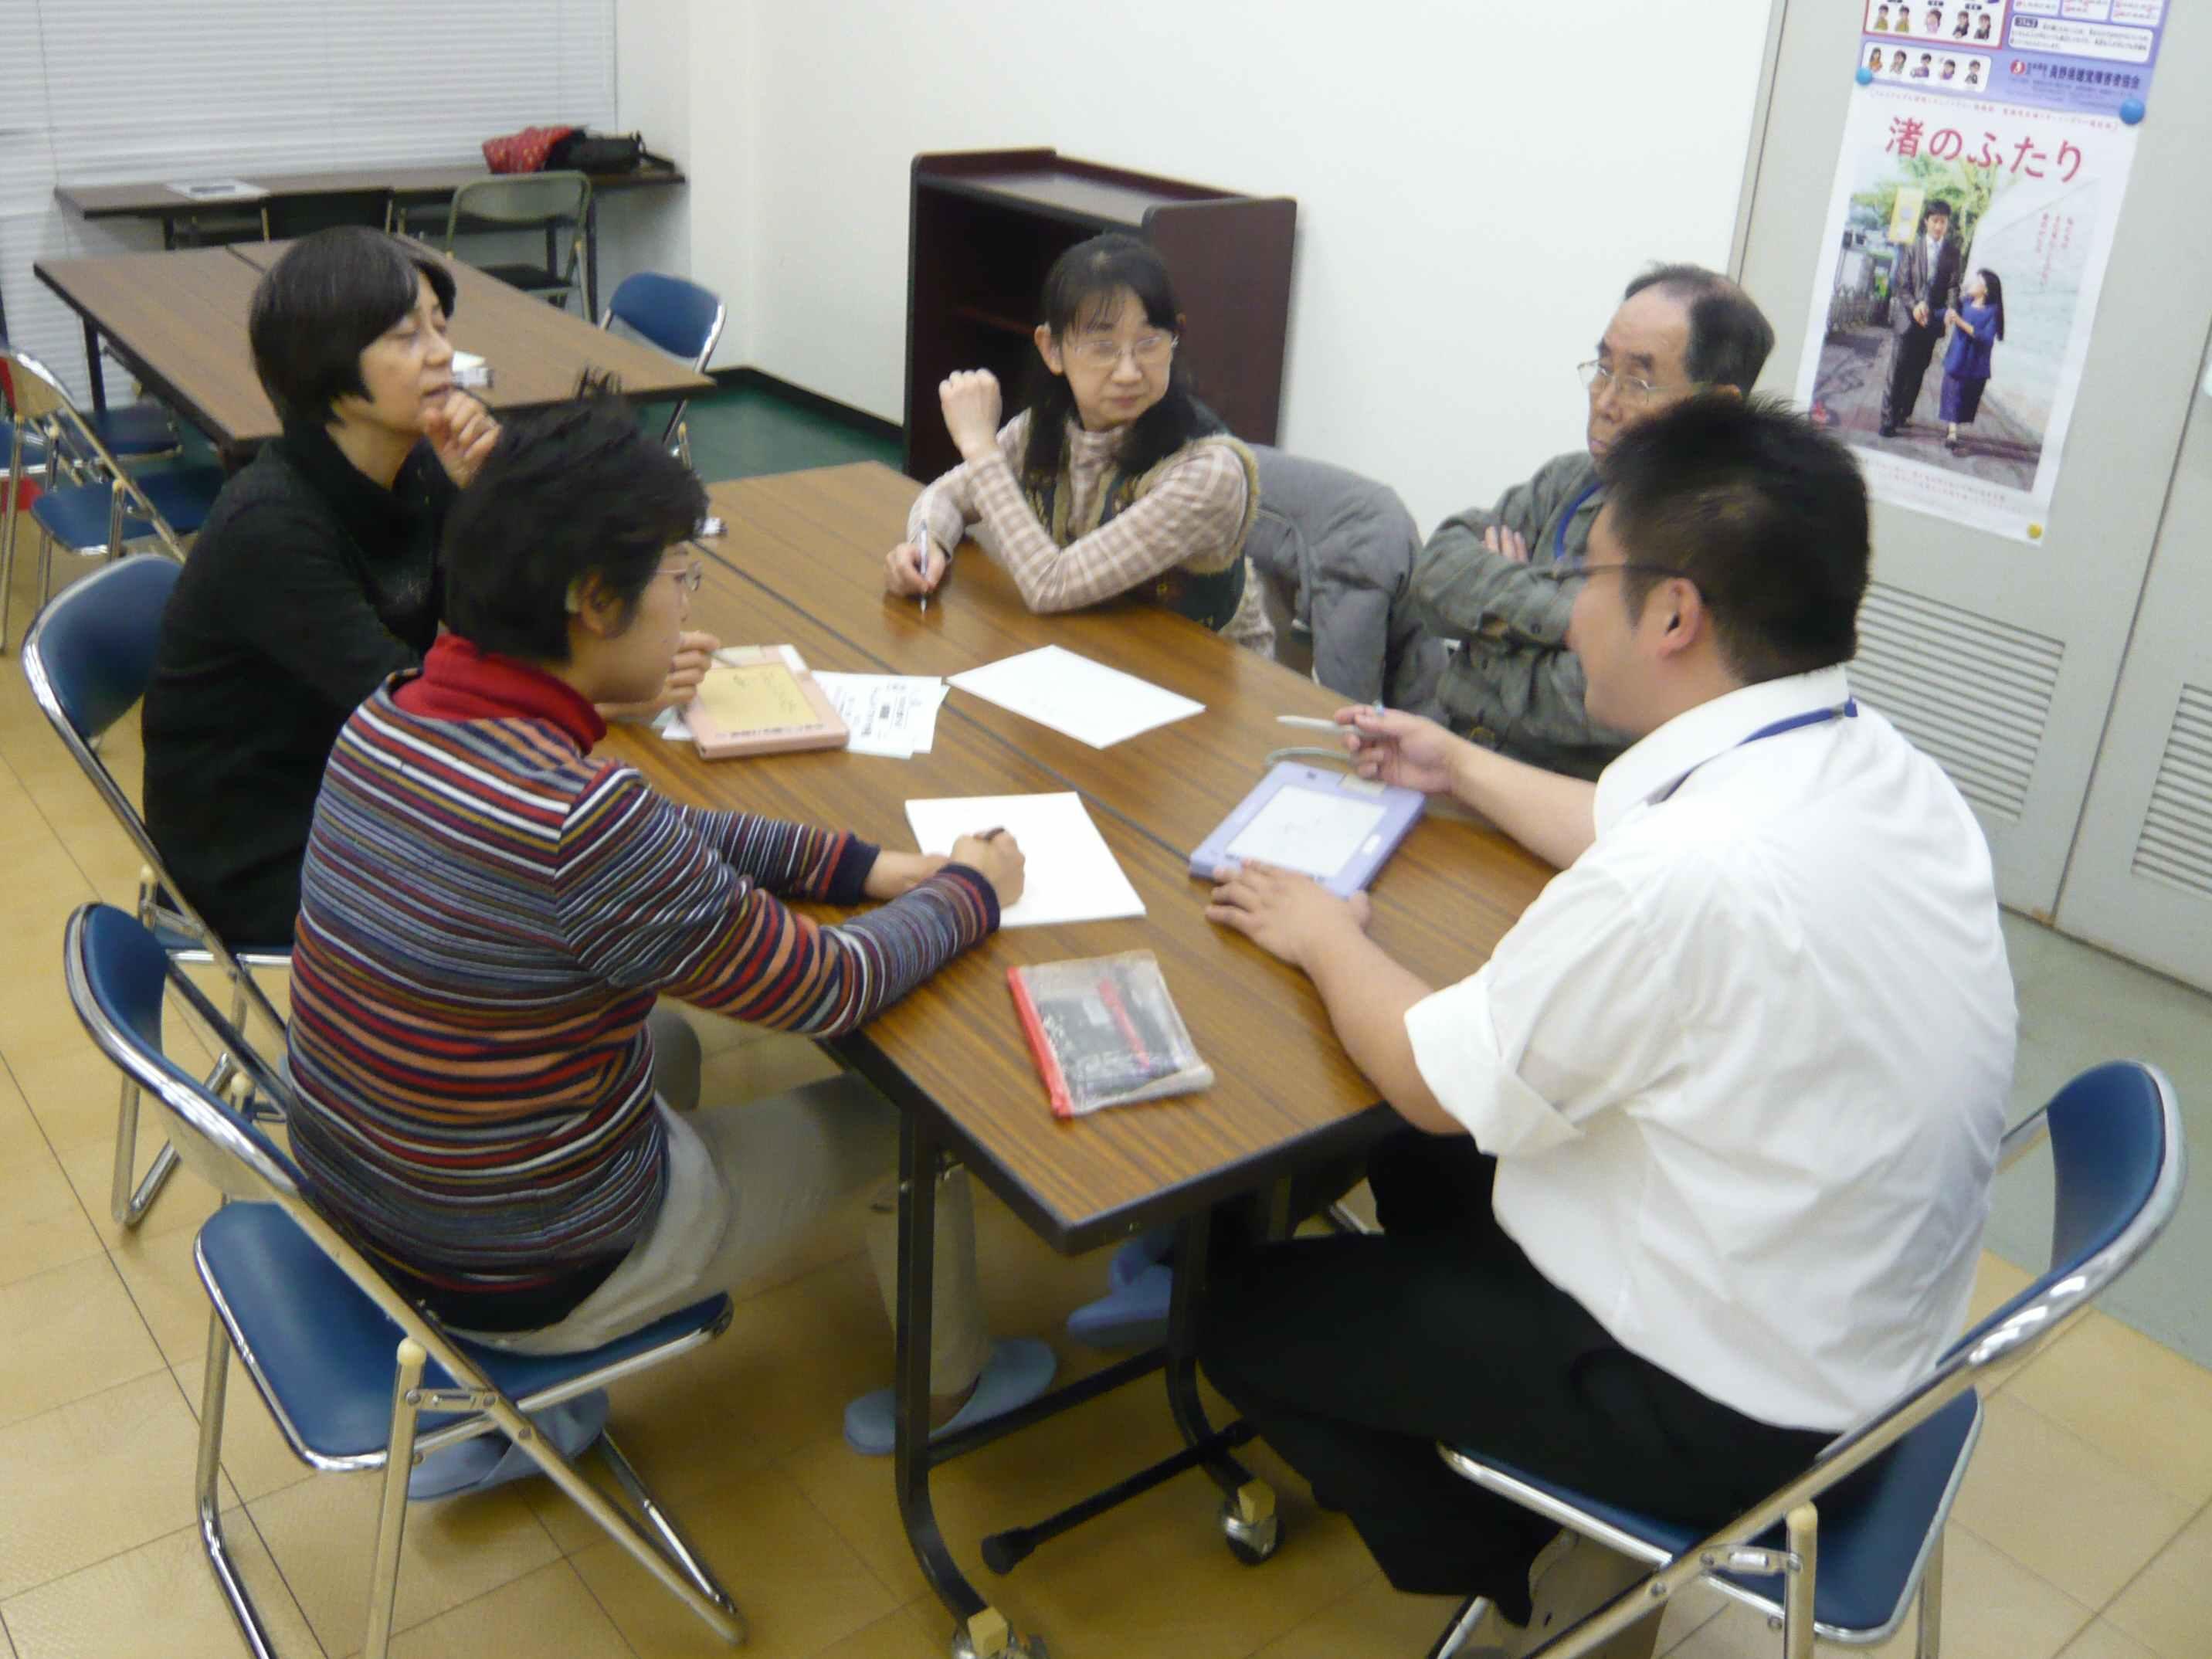 指文字の練習では、拗音(っ・ゃ・ゅ・ょ)や濁音・半濁音( ゛ , ゜ )の入った長~~~い言葉を3つ考えて表現しました。